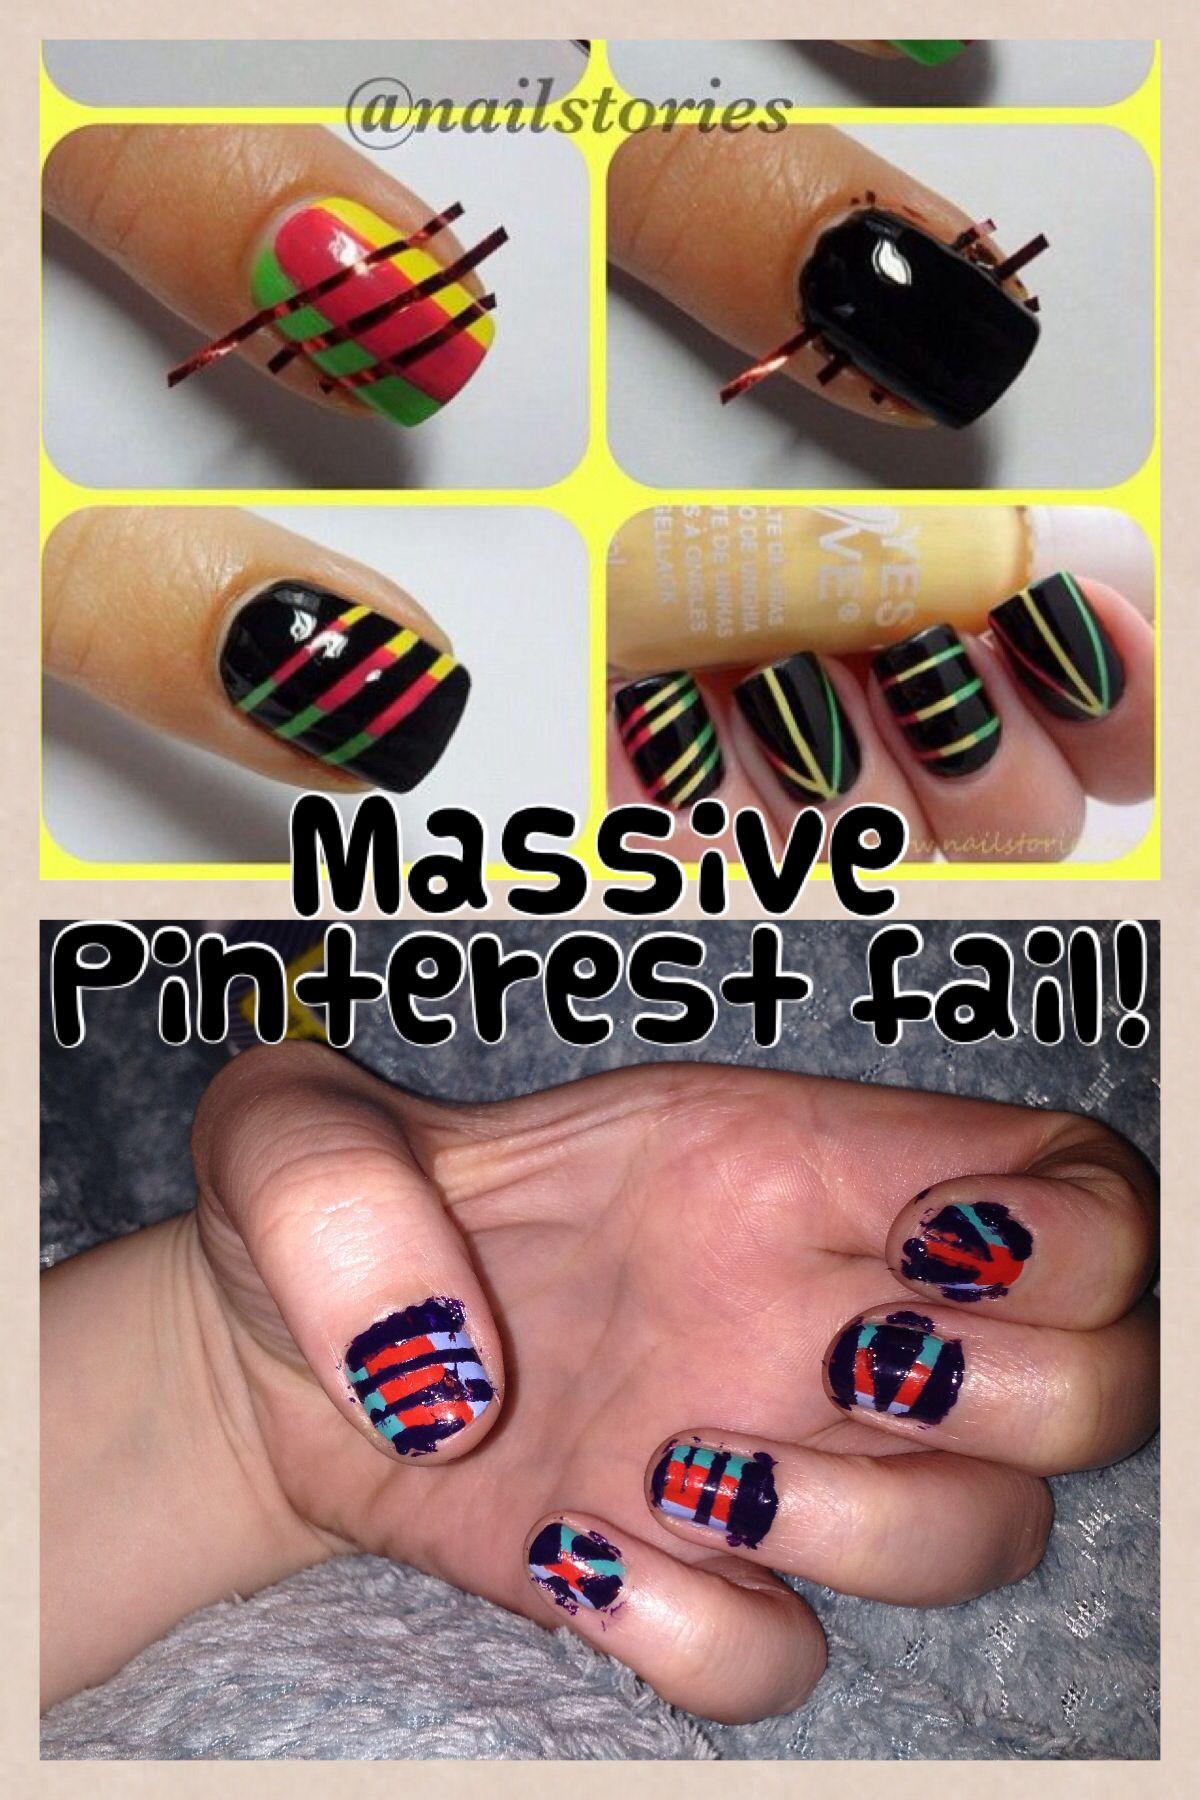 Nail Art Pintrest Fail Lol Pinterest Pinterest Fails Funny